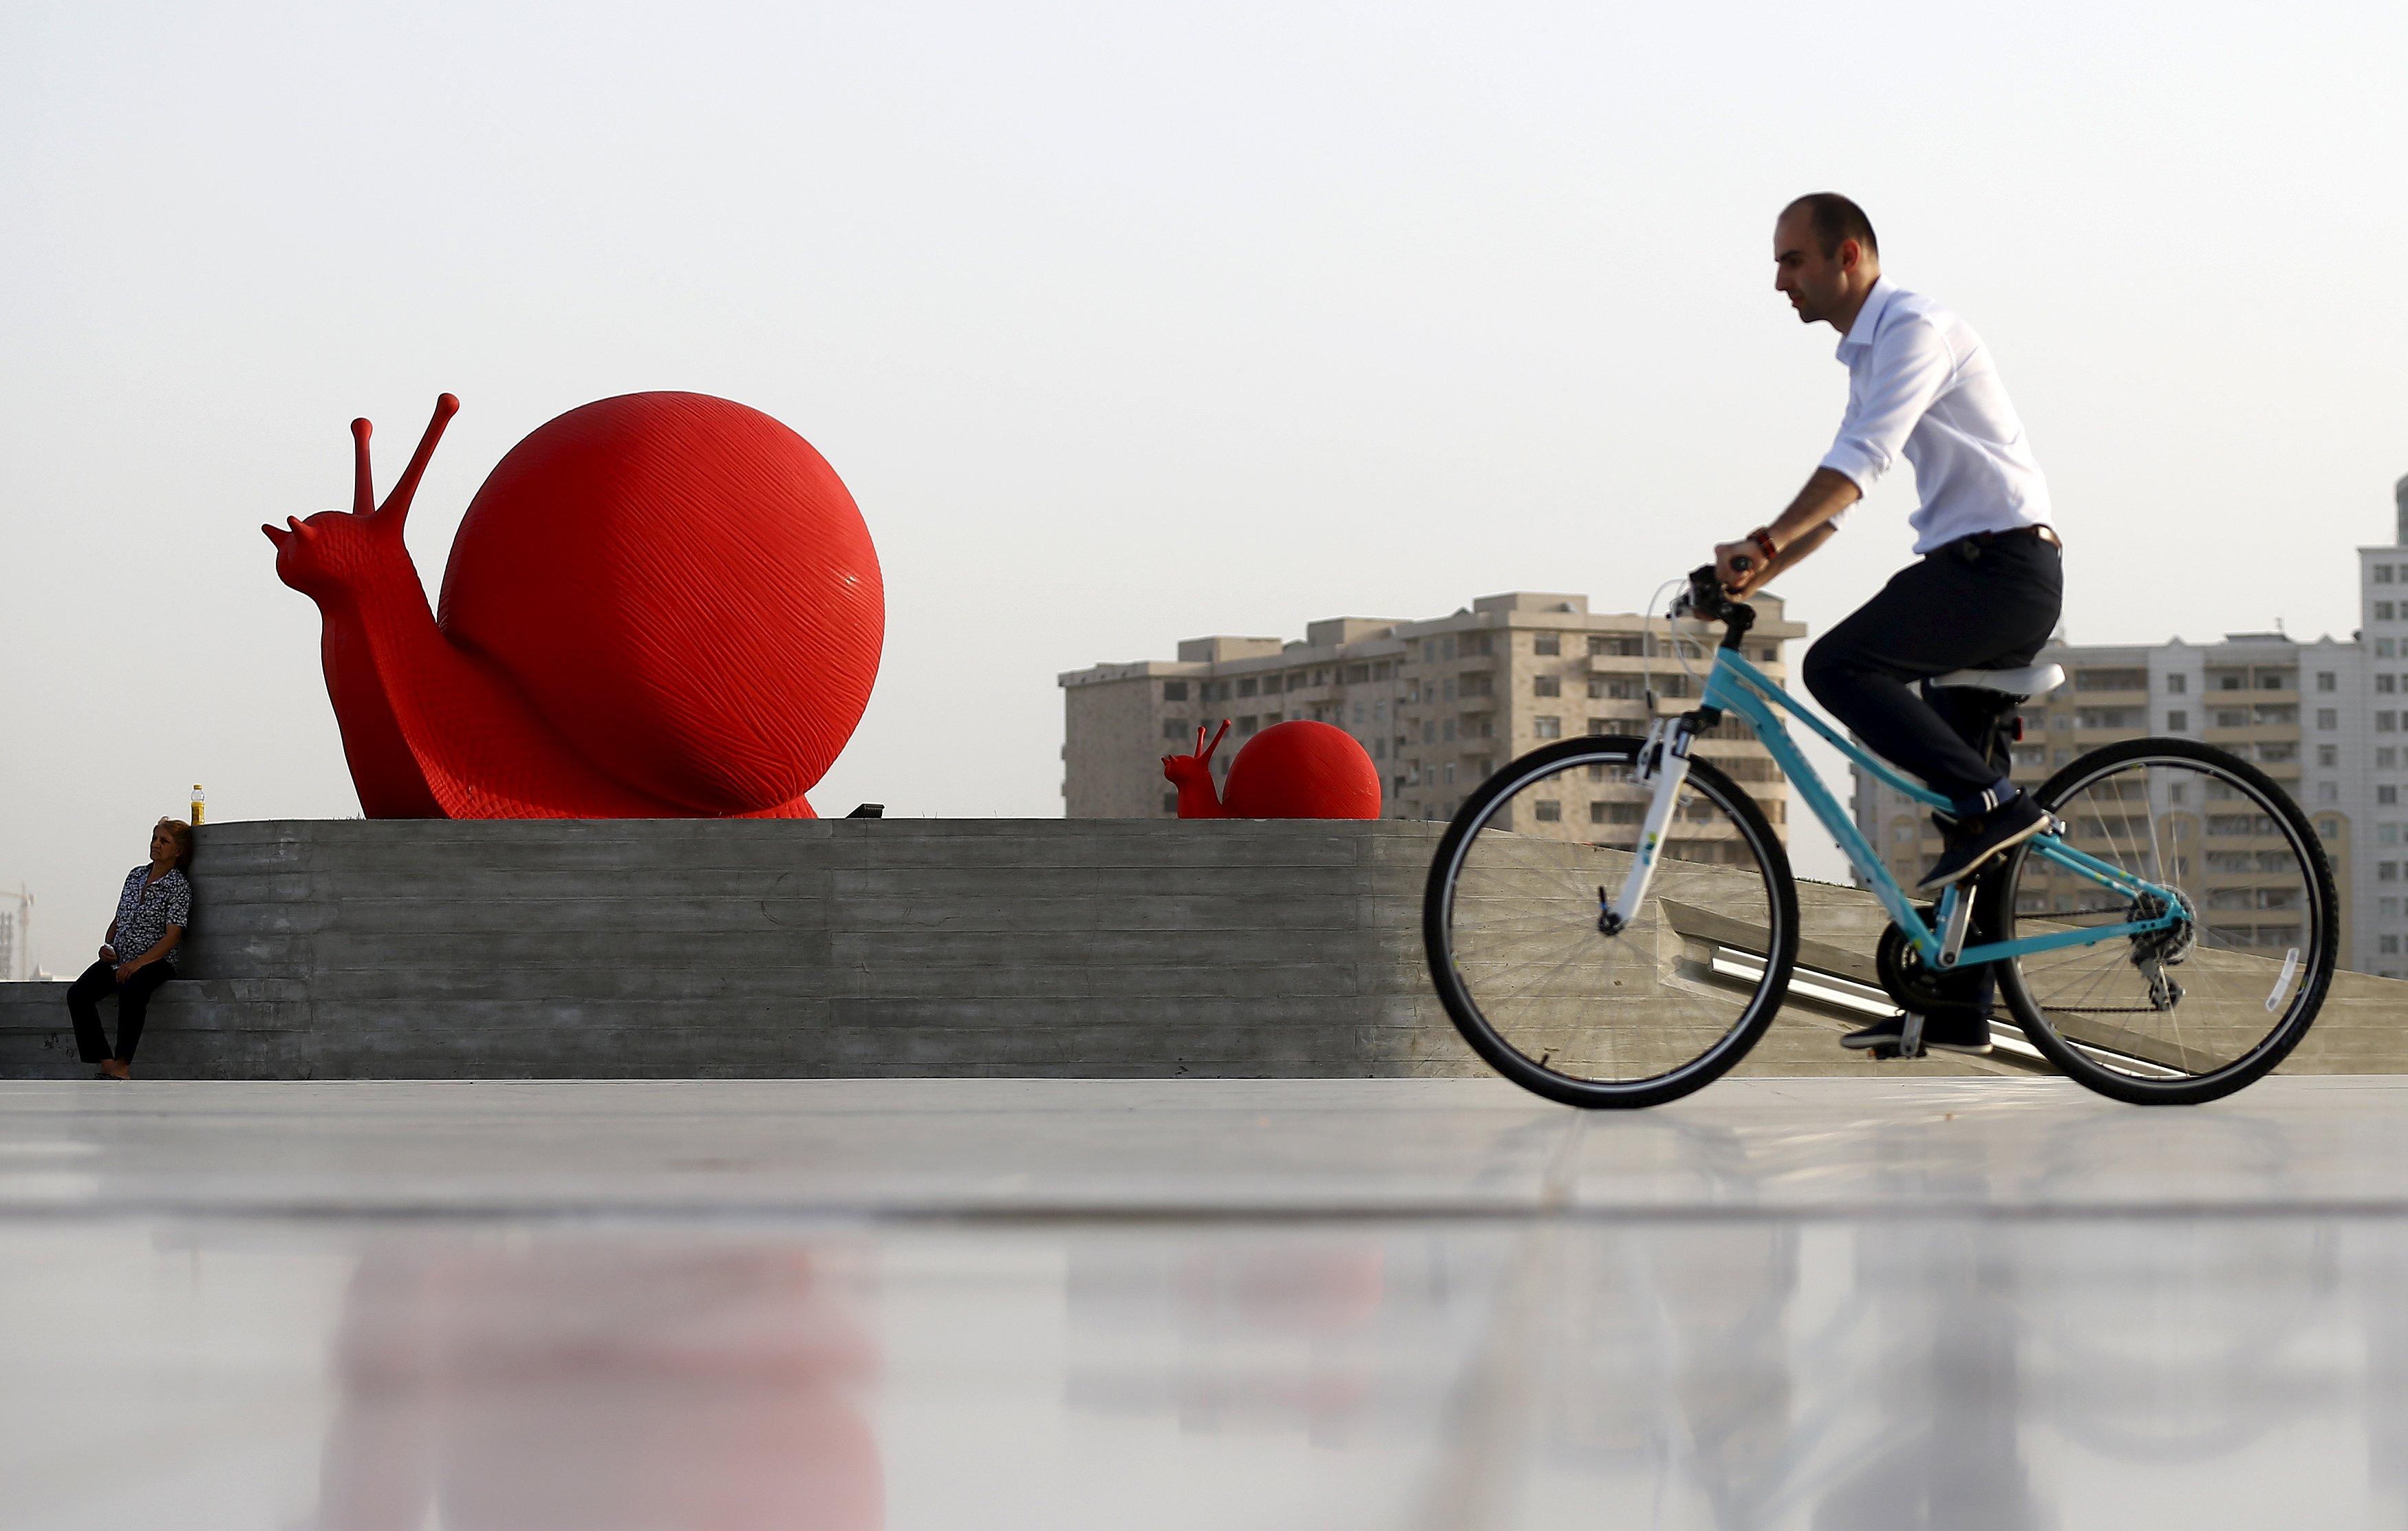 Seorang pria bersepeda melewati instalasi di depan Heydar Aliyev Center di Baku, Azerbaijan, Senin (15/6). ANTARA FOTO/REUTERS/Stoyan Nenov.